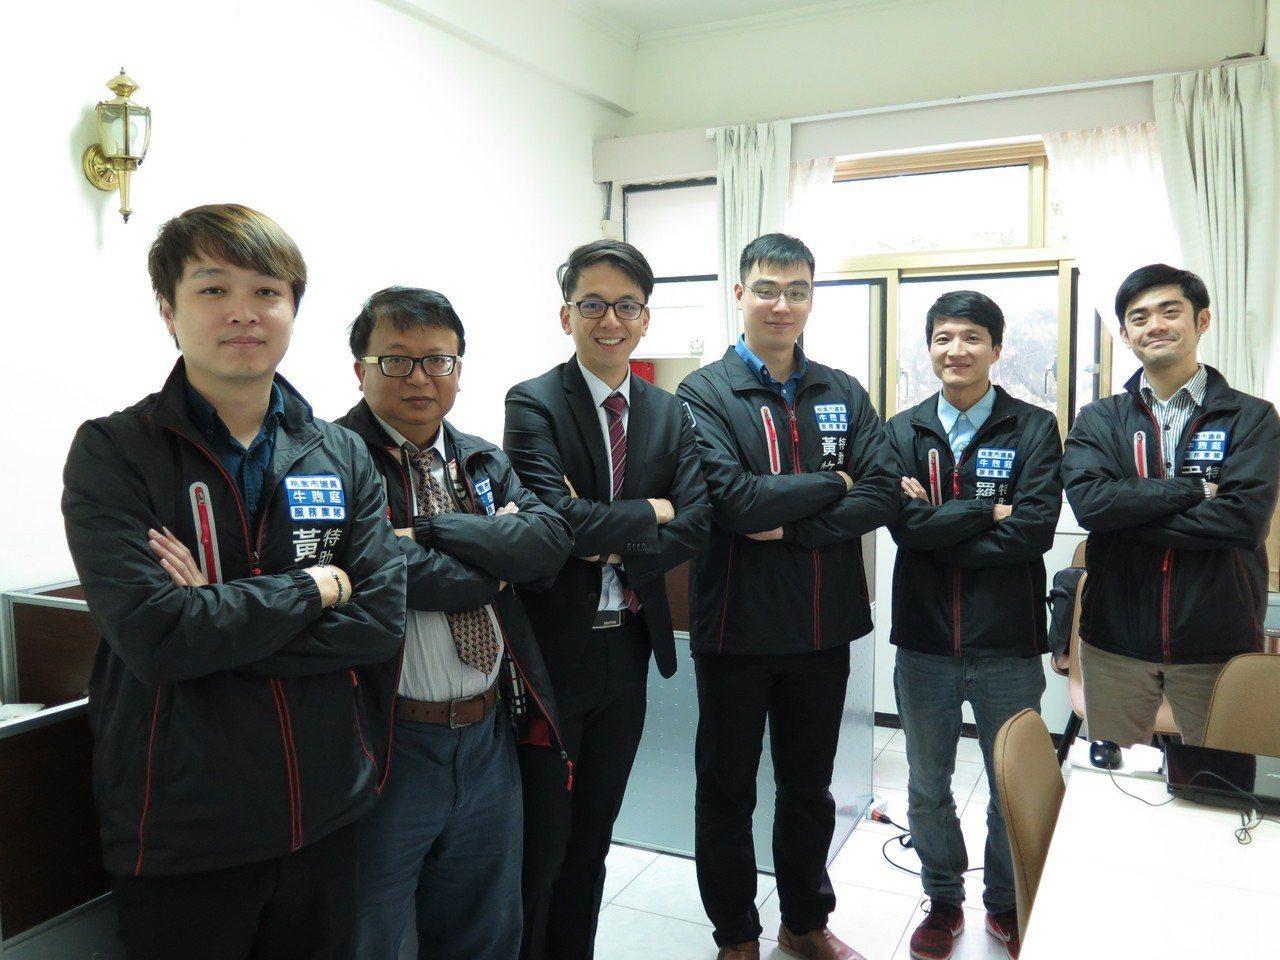 桃園市議員牛煦庭(左3)年僅28歲,服務團隊相當年輕,左起為特助黃承宏、辦公室主...